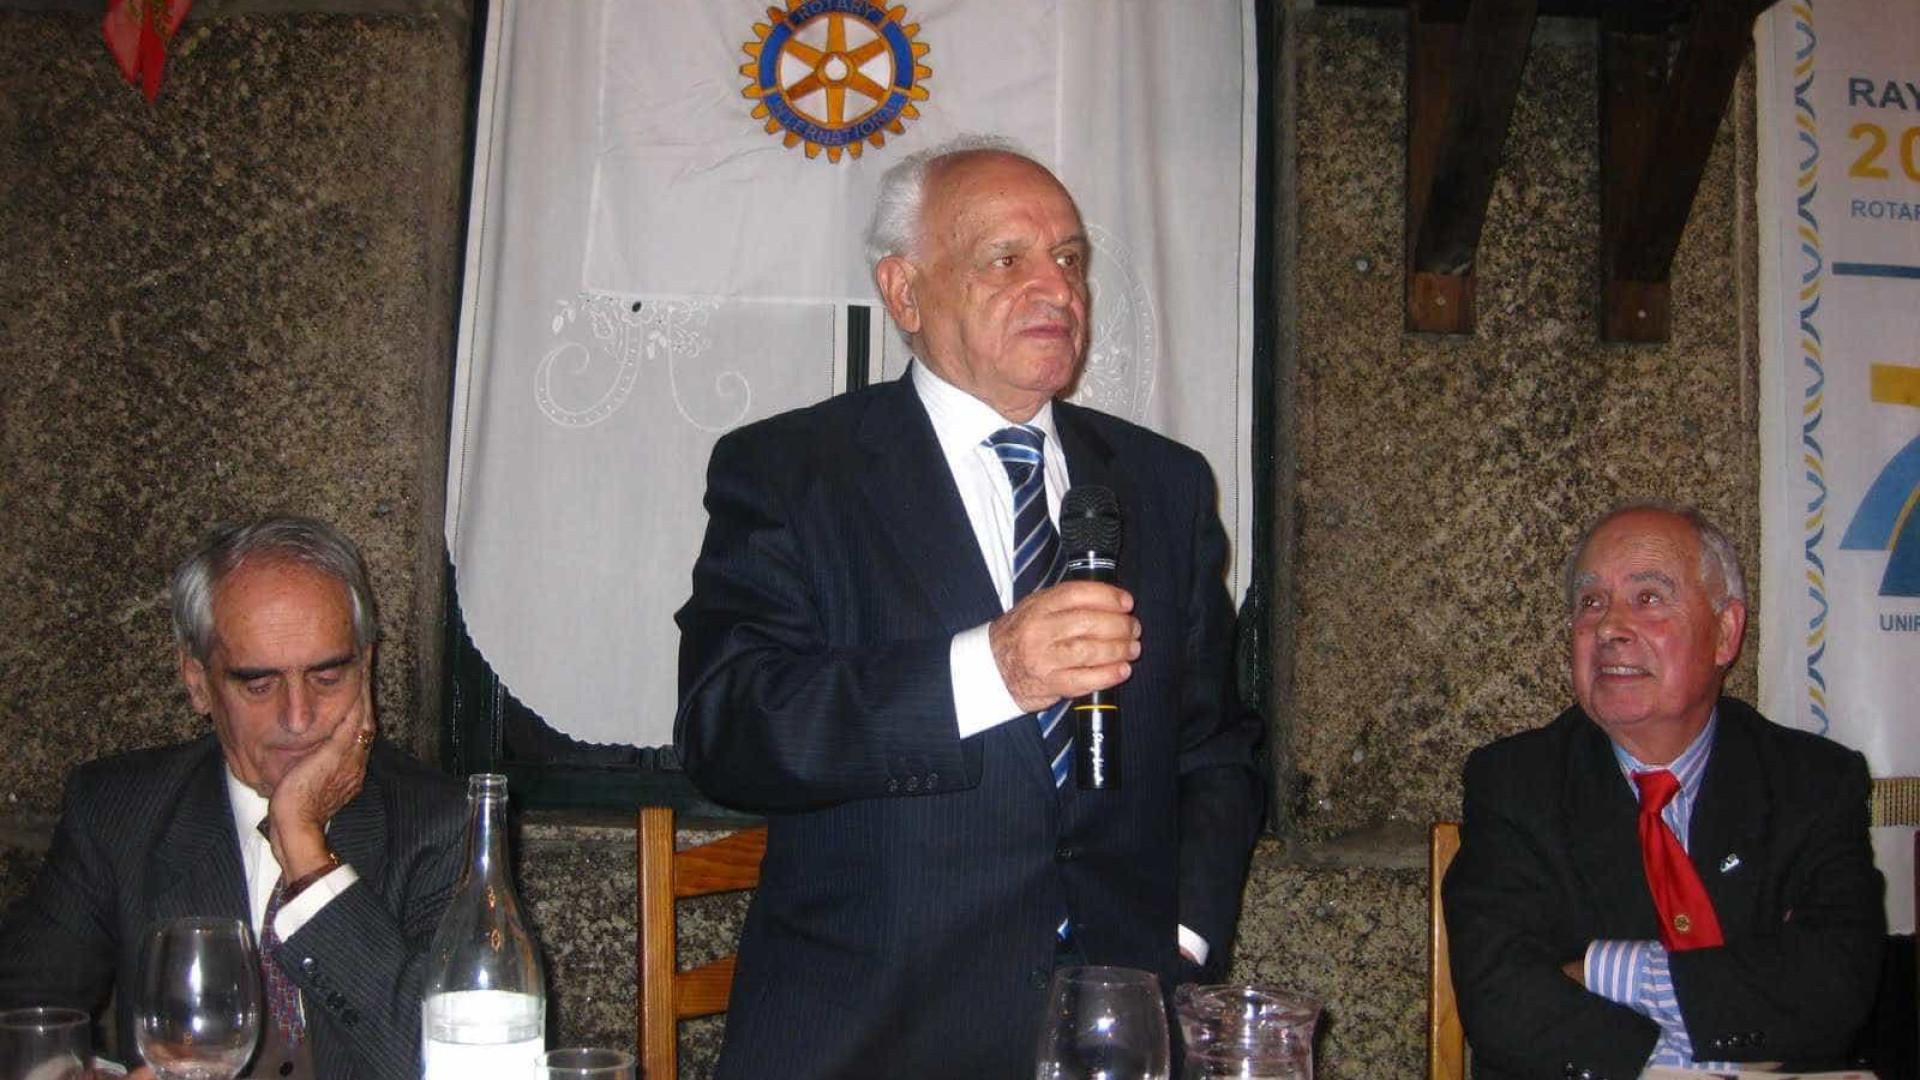 Universidade de Évora atribui Honoris Causa a antigo ministro Veiga Simão